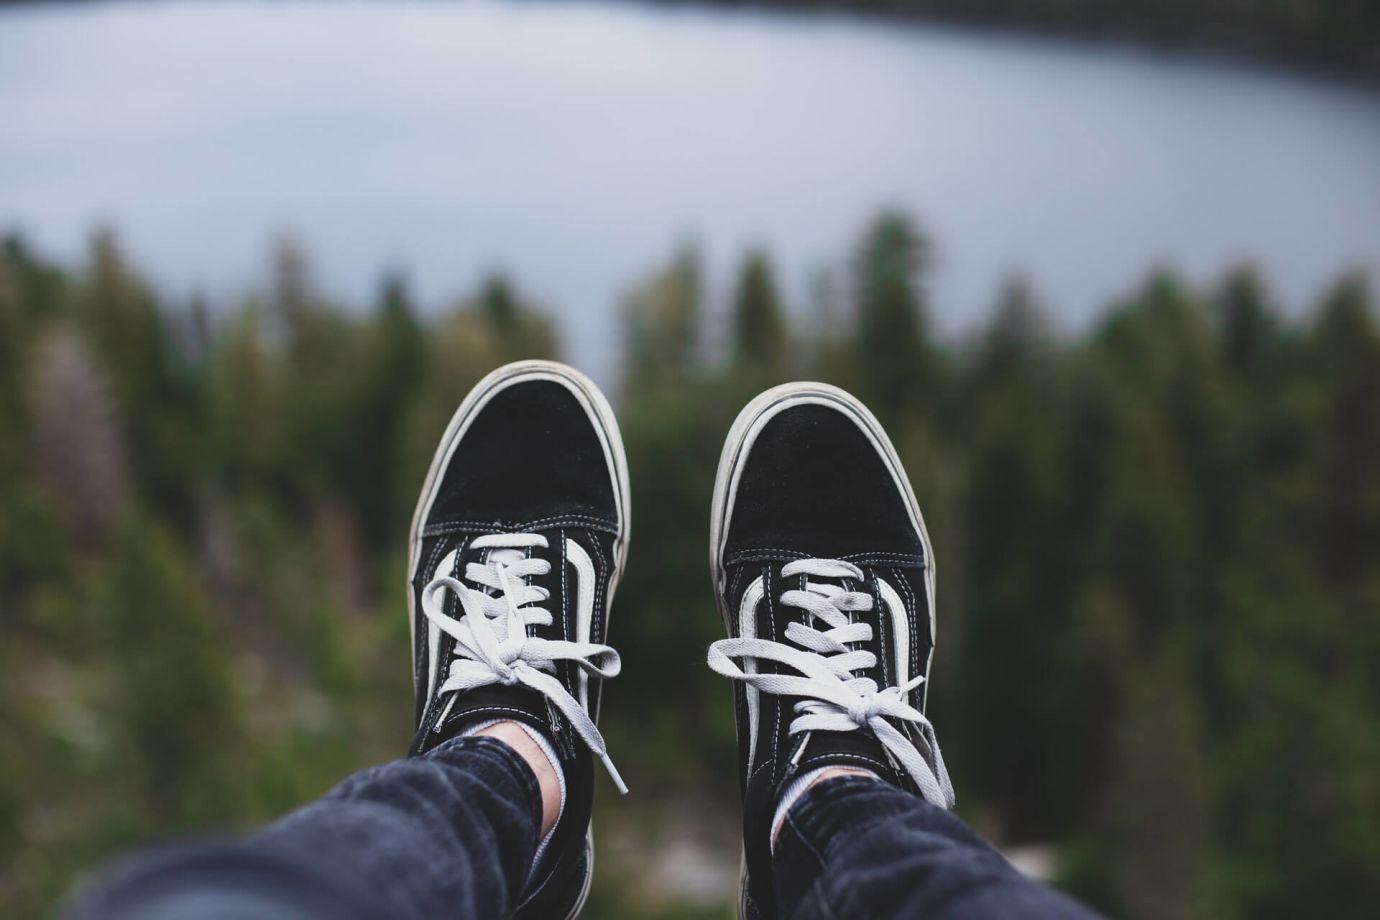 Schwarz-weiße Schuhe an Füßen vor Wald